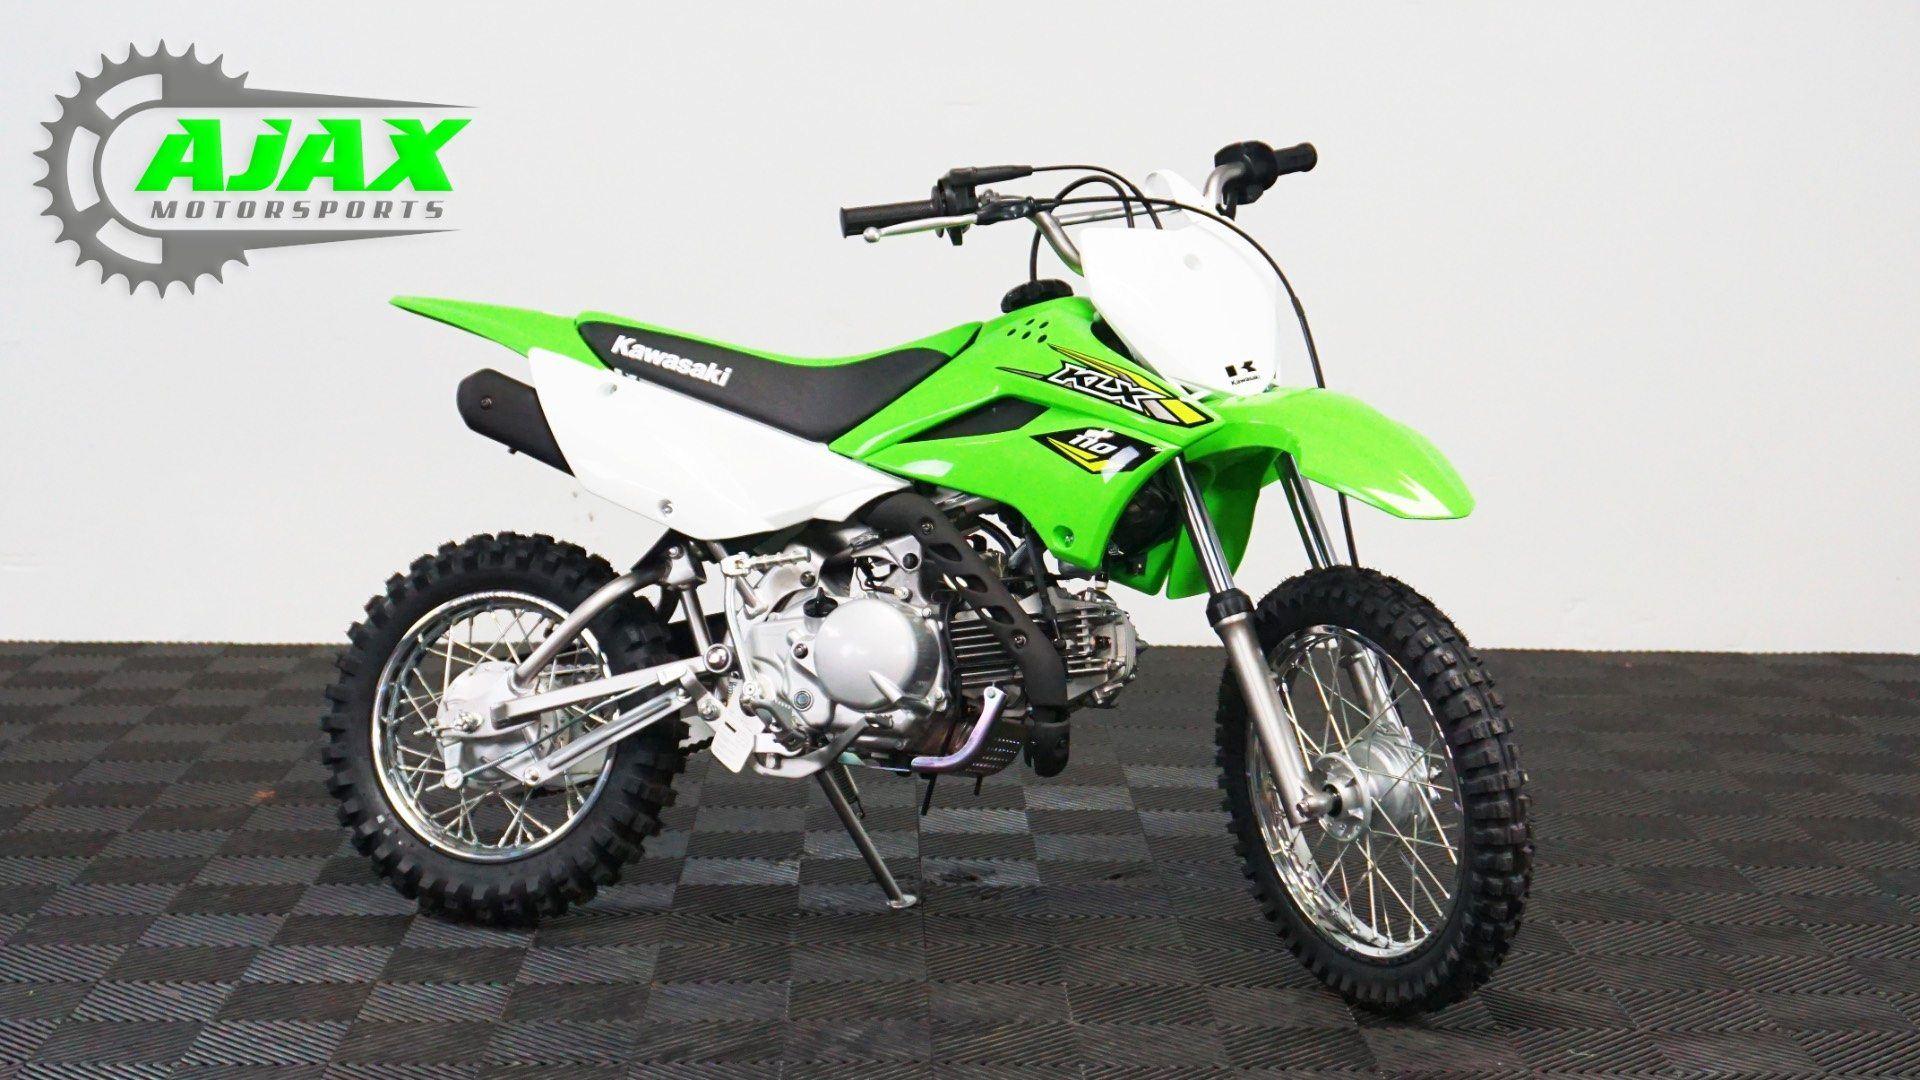 New 2019 Kawasaki KLX 110 Motorcycles in Oklahoma City, OK   Stock ...